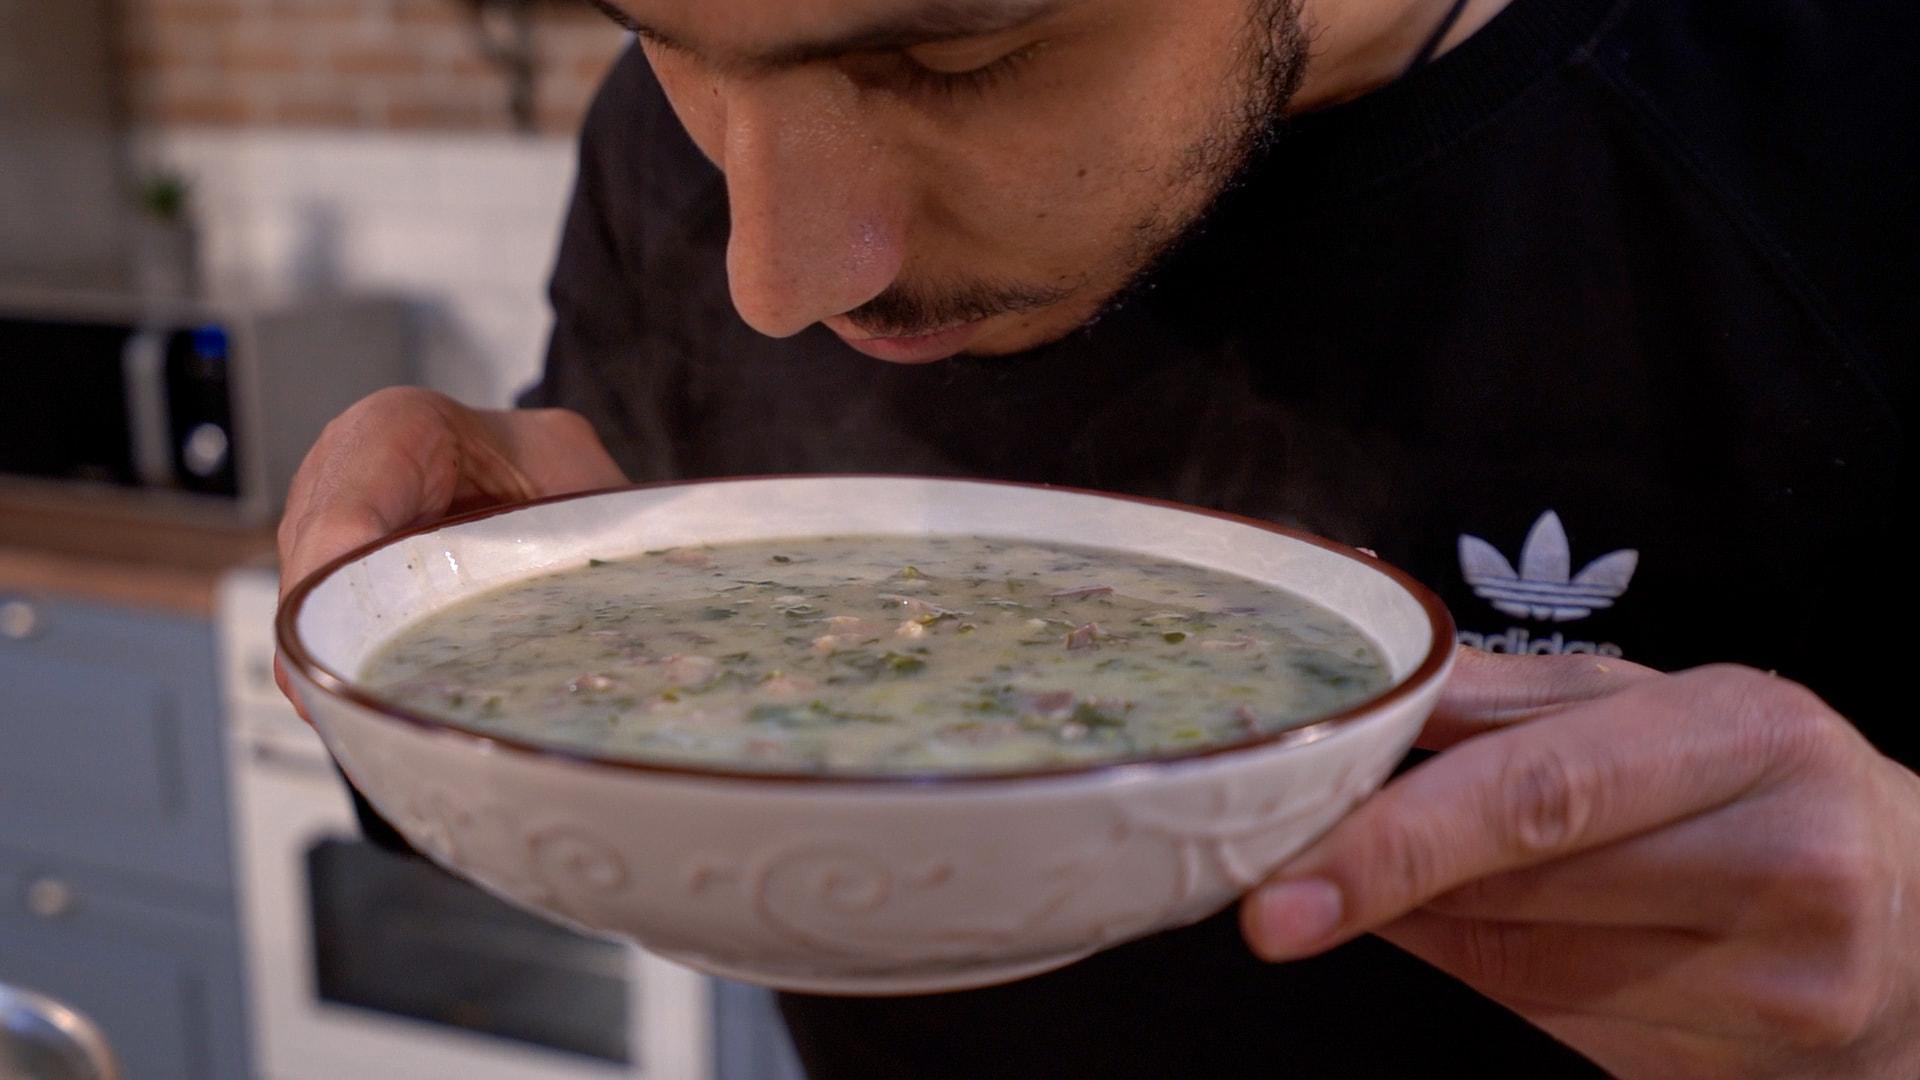 Εύκολη Παραδοσιακή Μαγειρίτσα του Δημήτρη Μιχαηλίδη με όλα τα μυστικά